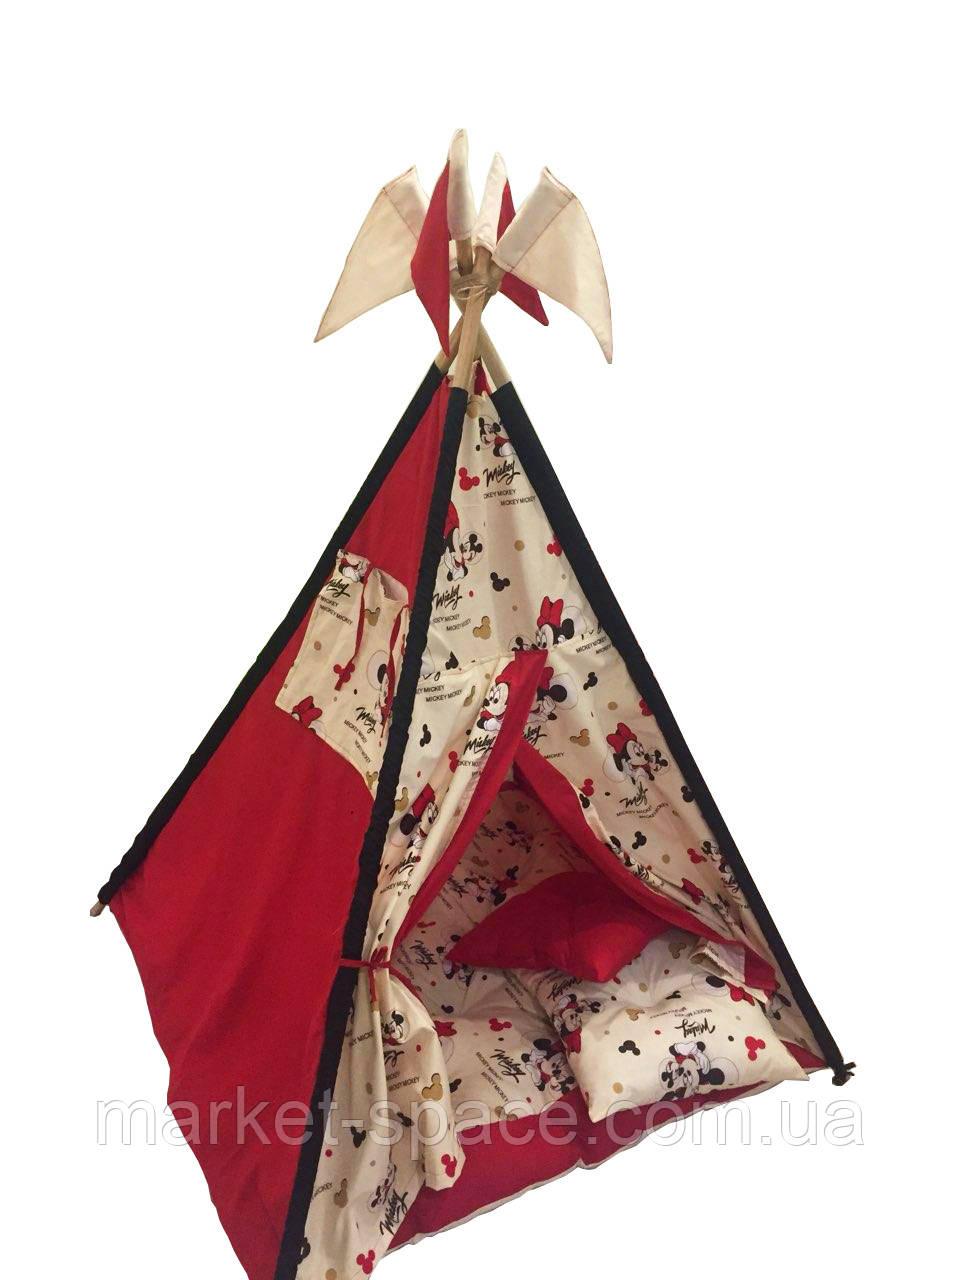 """Вигвам, детская игровая палатка с матрасом и подушками. Расцветка """"Микки"""""""